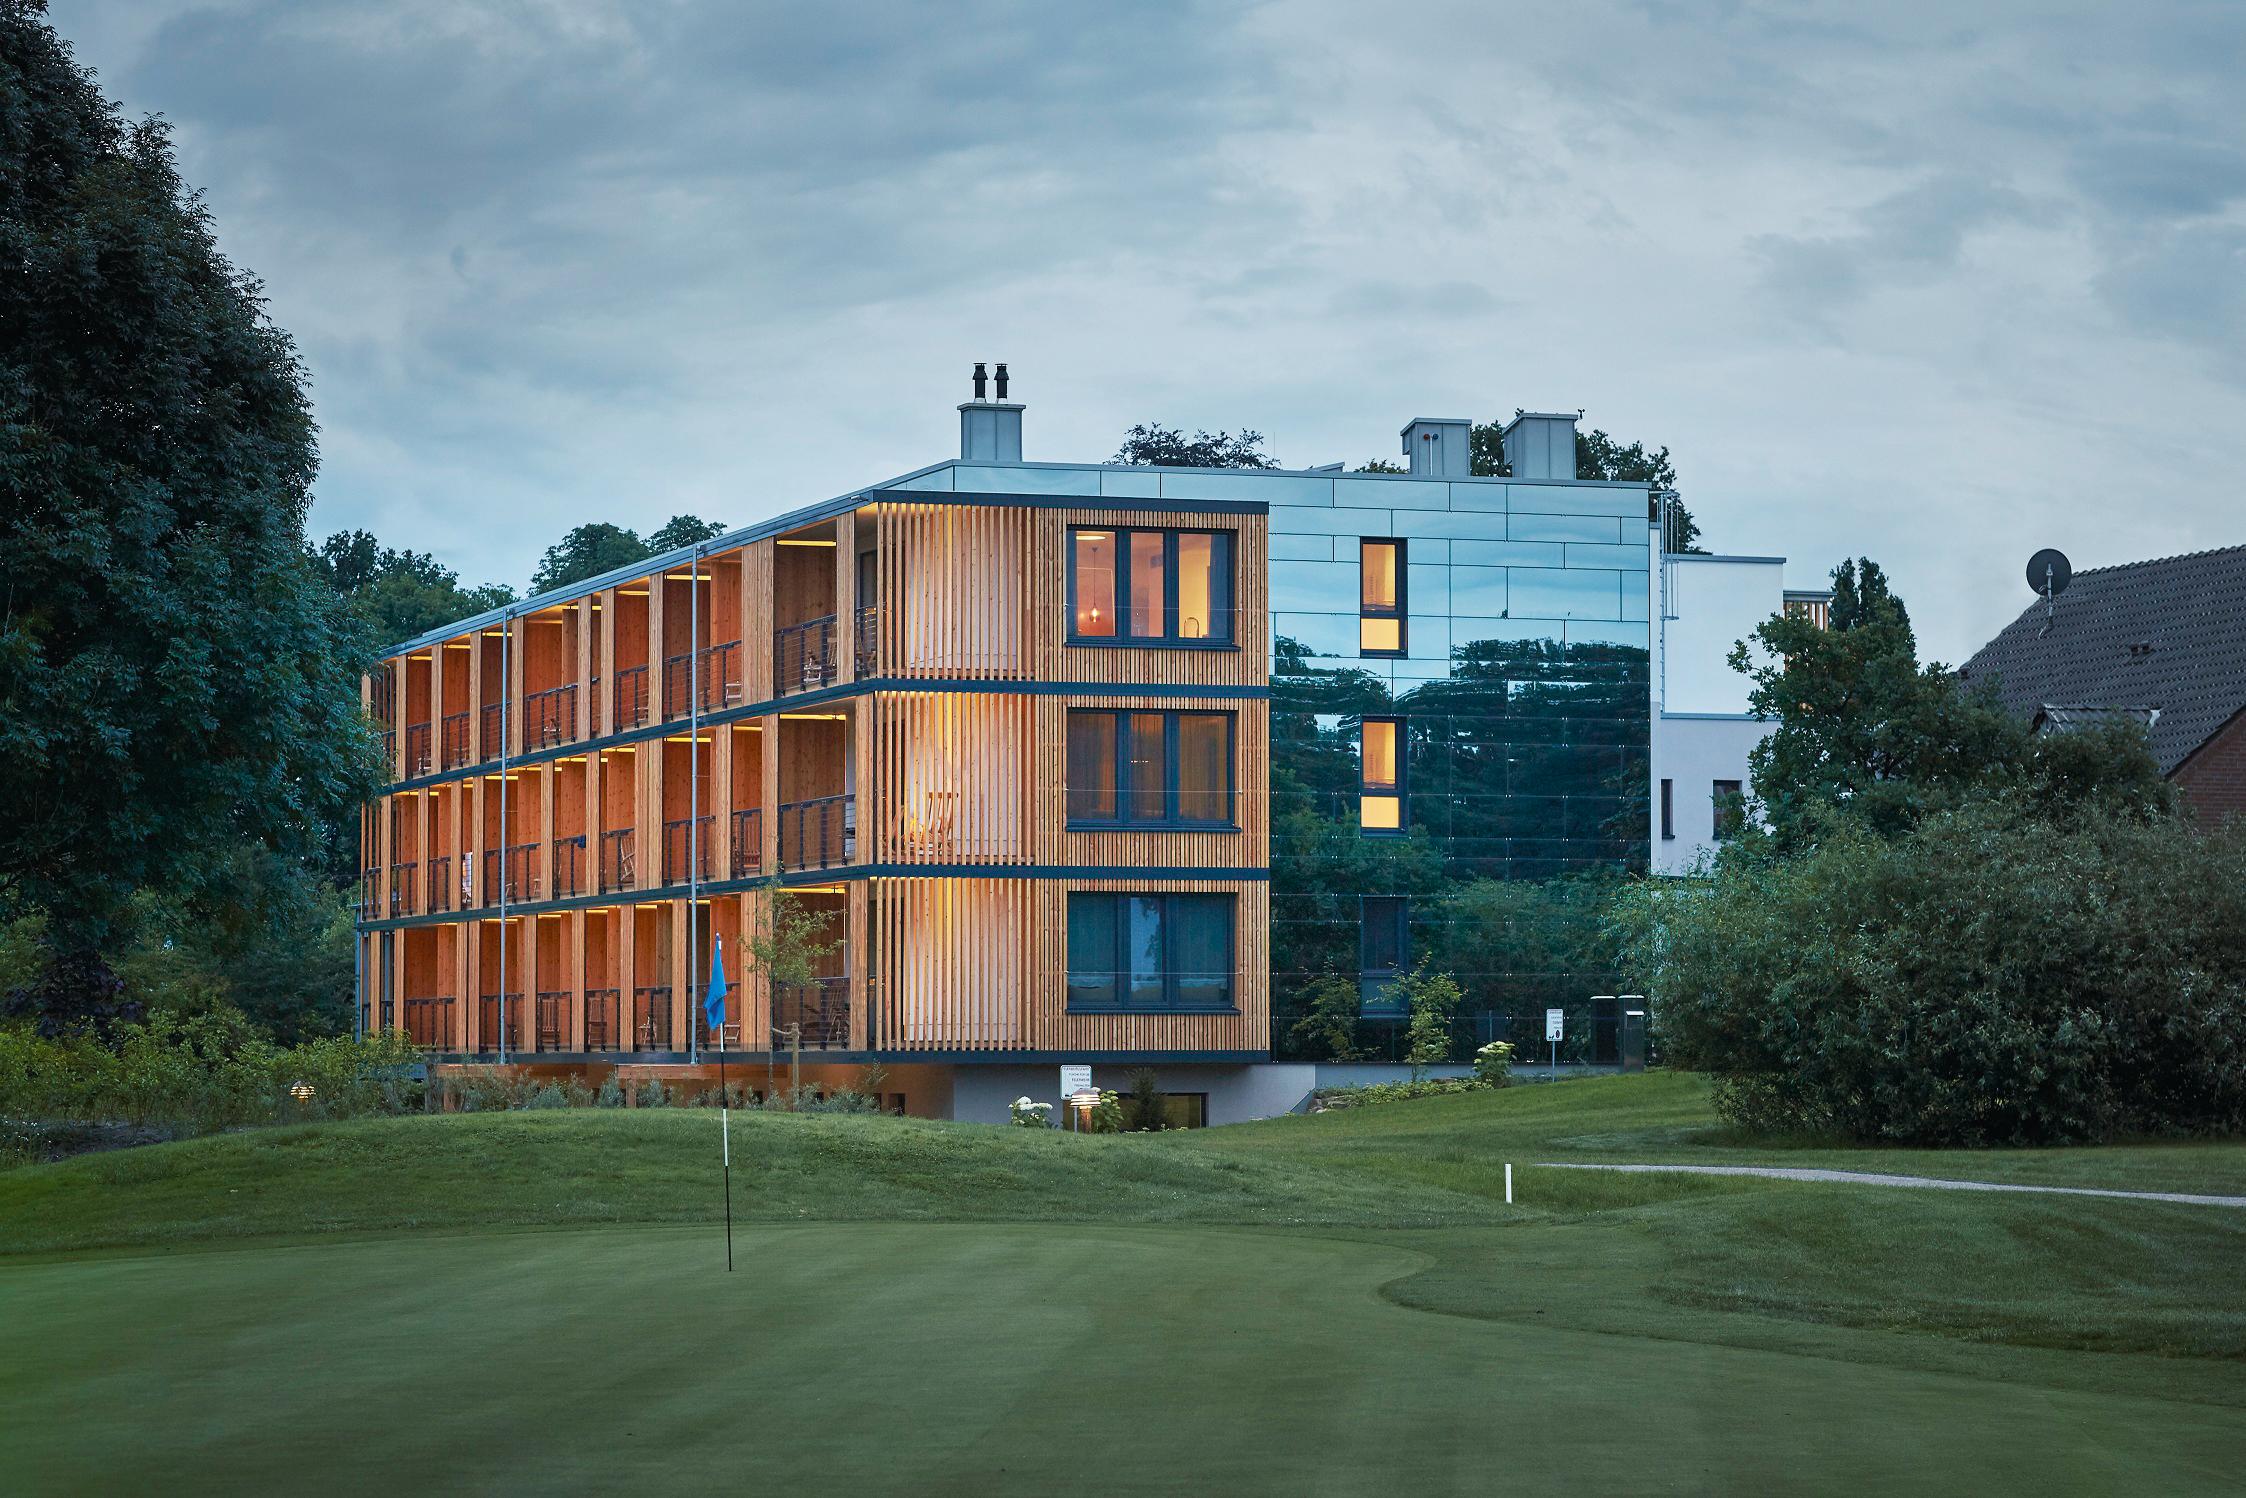 landhotel vosh vel in schermbeck holidaycheck nordrhein westfalen deutschland. Black Bedroom Furniture Sets. Home Design Ideas